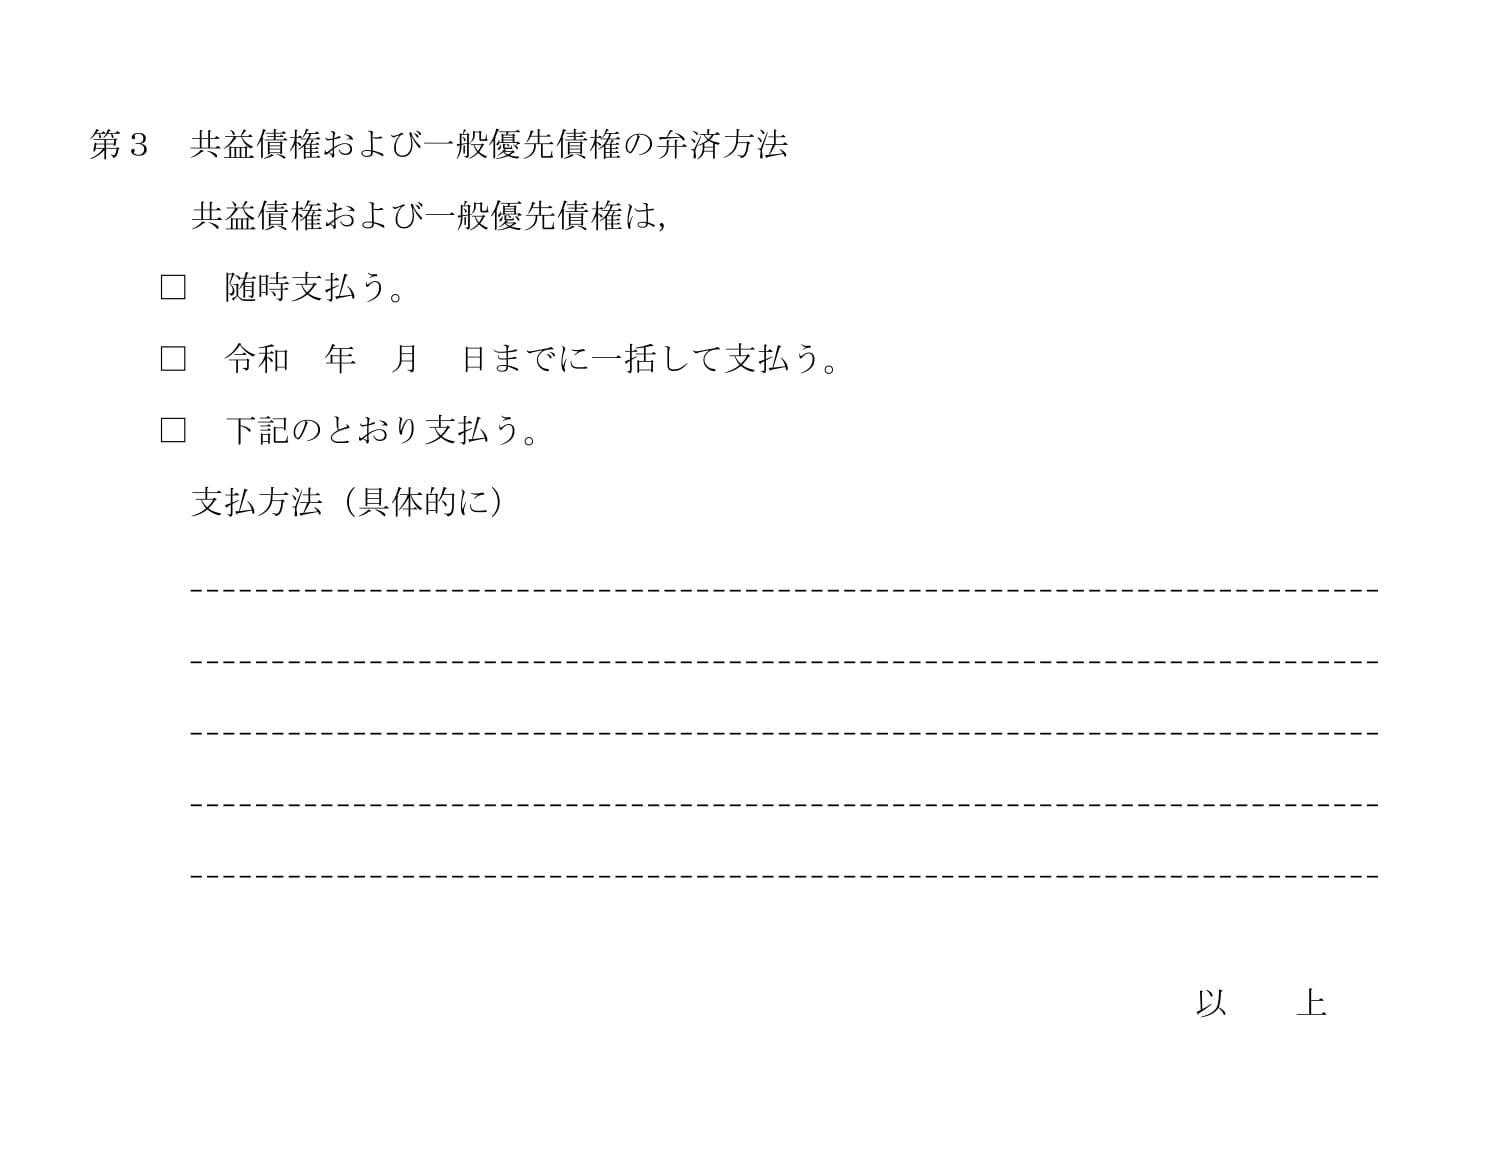 会員登録不要で無料でダウンロードできる再生計画案03-2のテンプレート書式